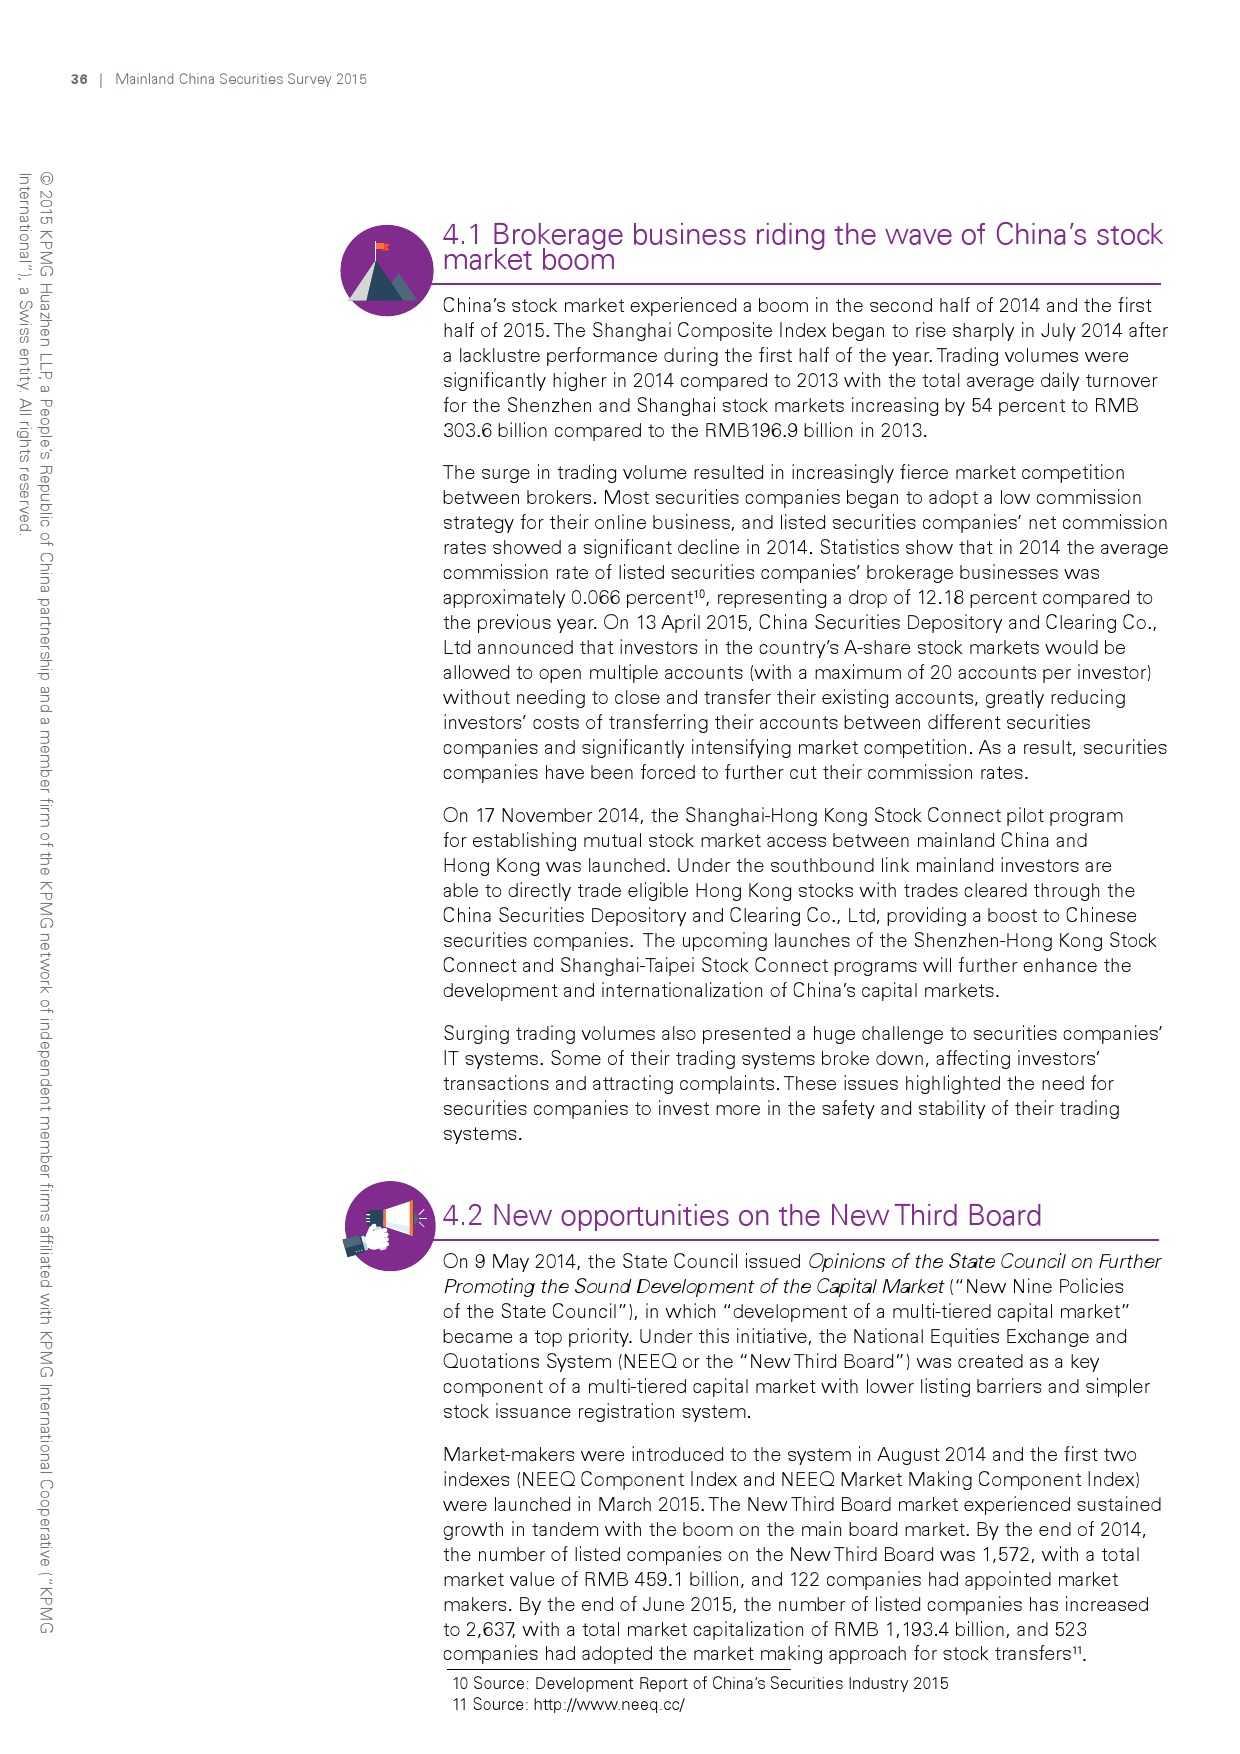 毕马威:2015年中国证券业调查报告_000038